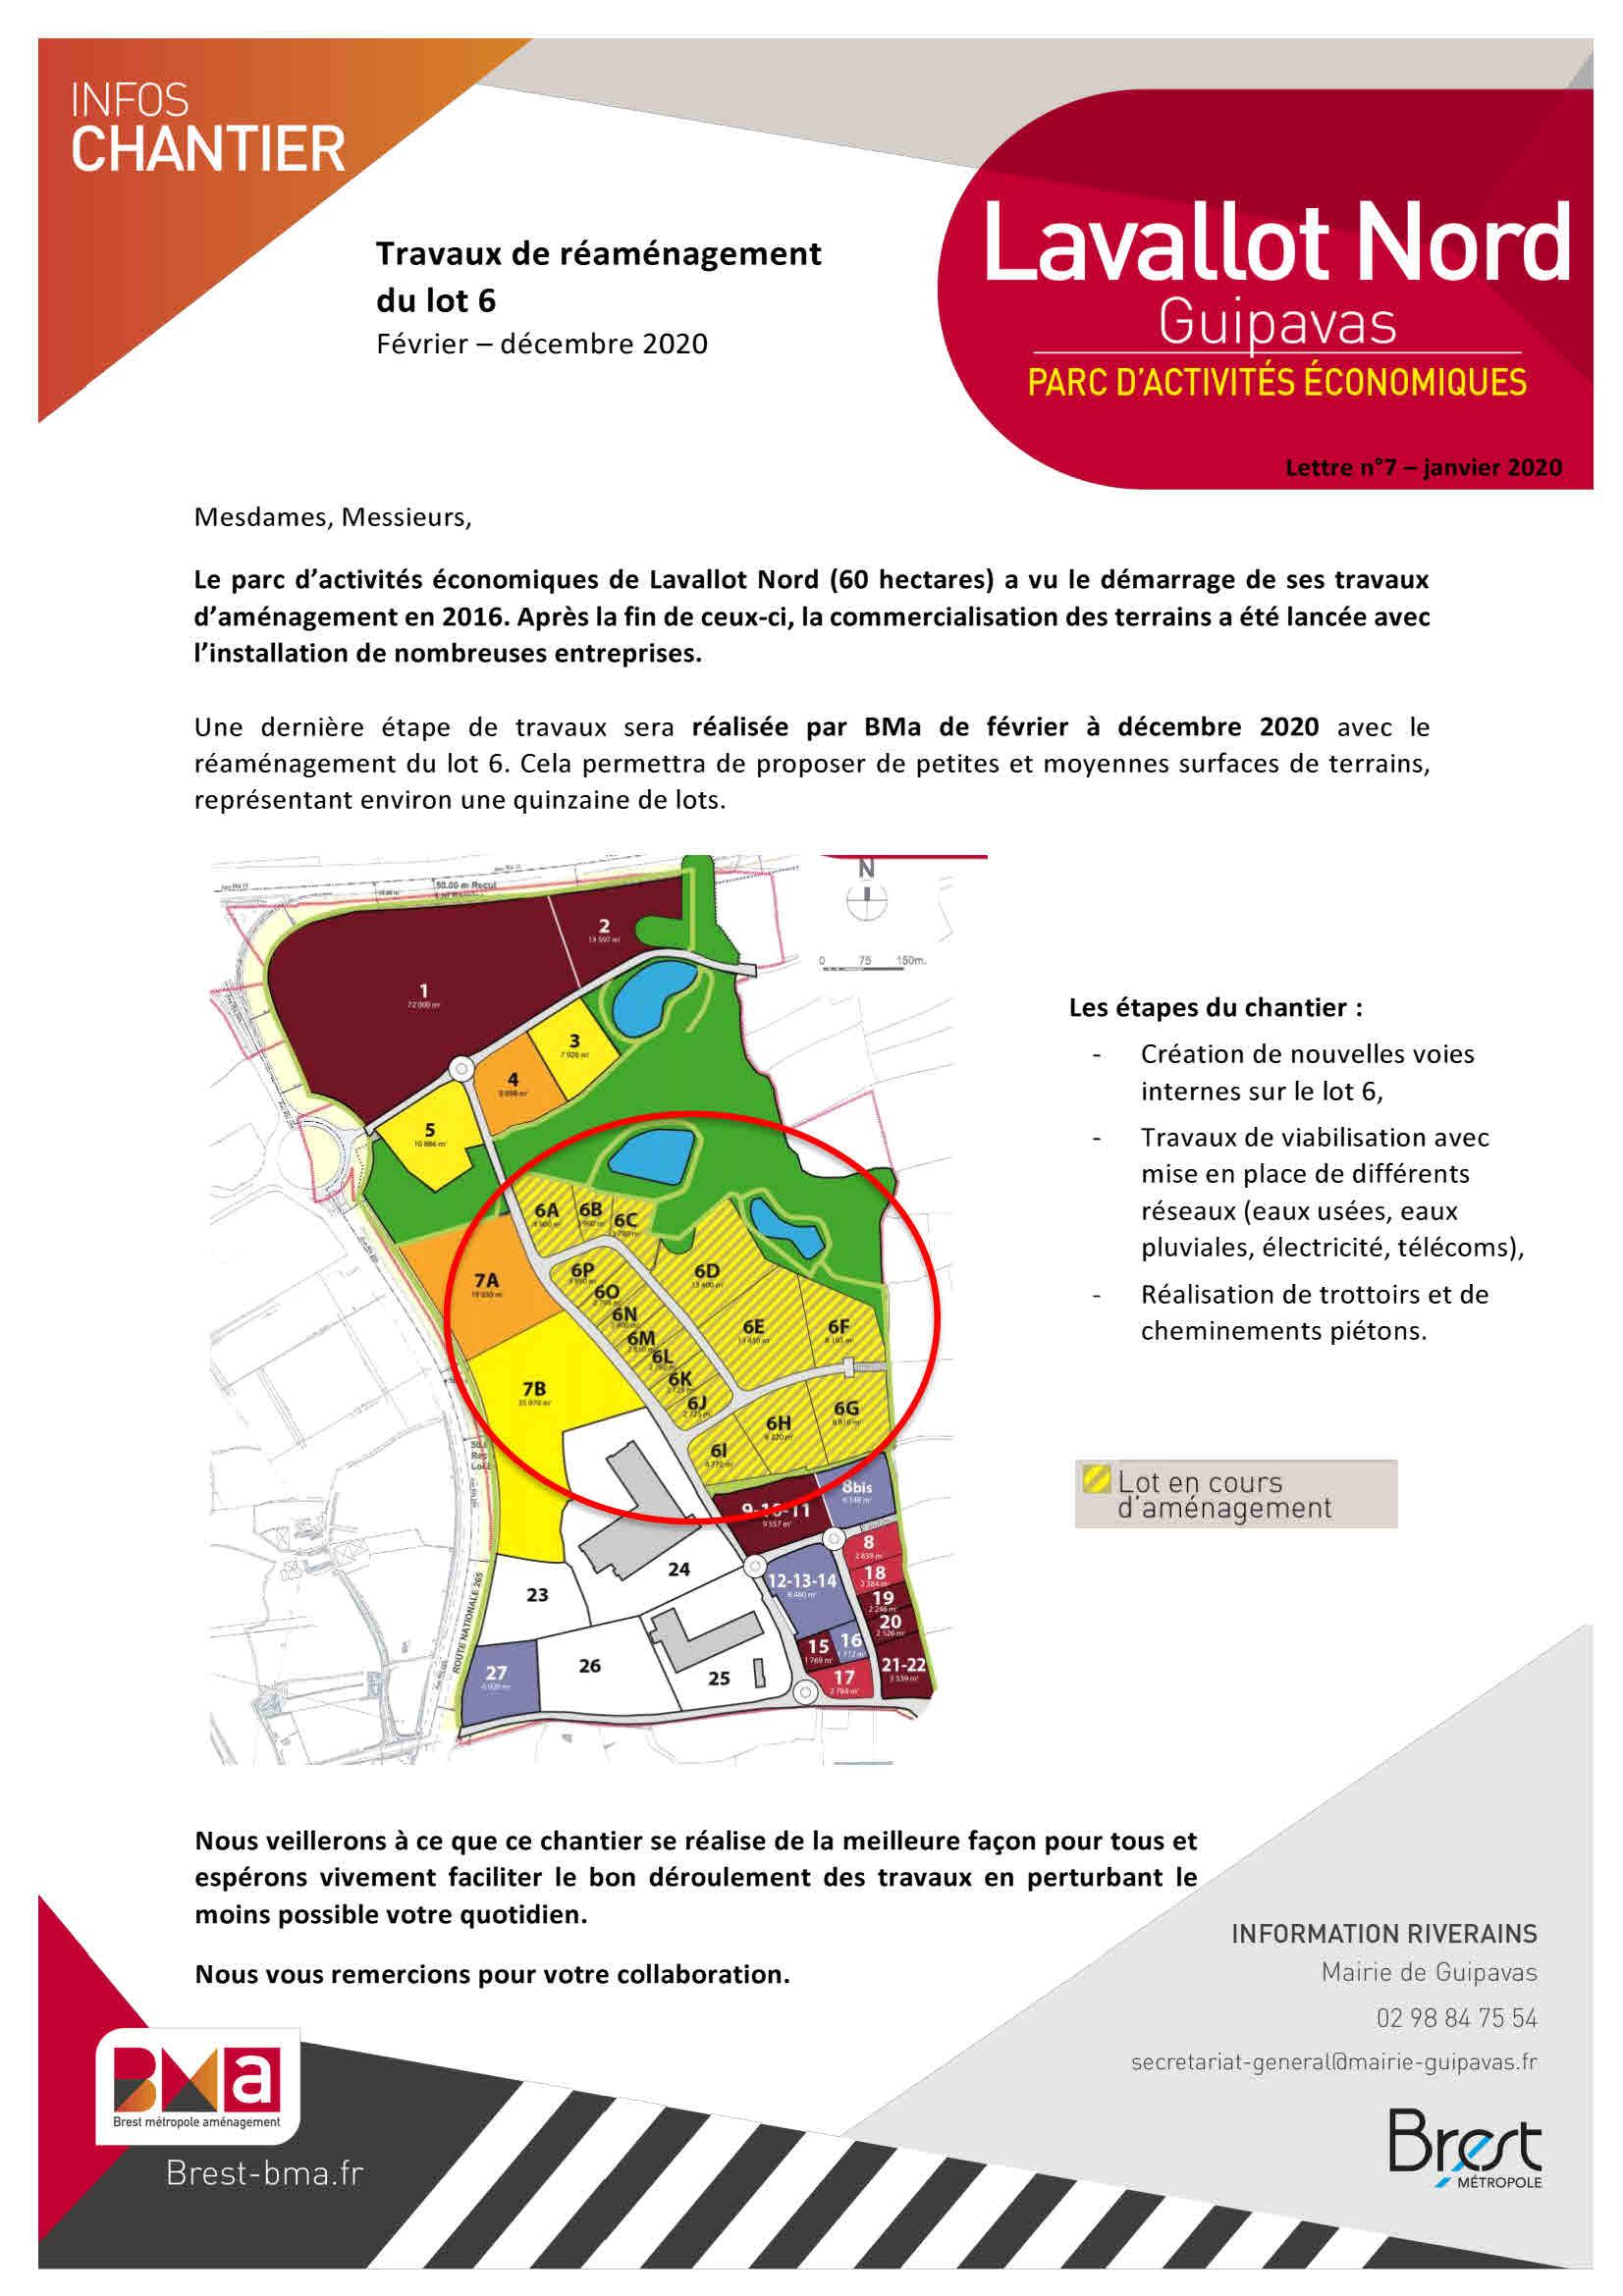 Lavallot : Travaux de réaménagement du lot 6 >> Février – décembre 2020